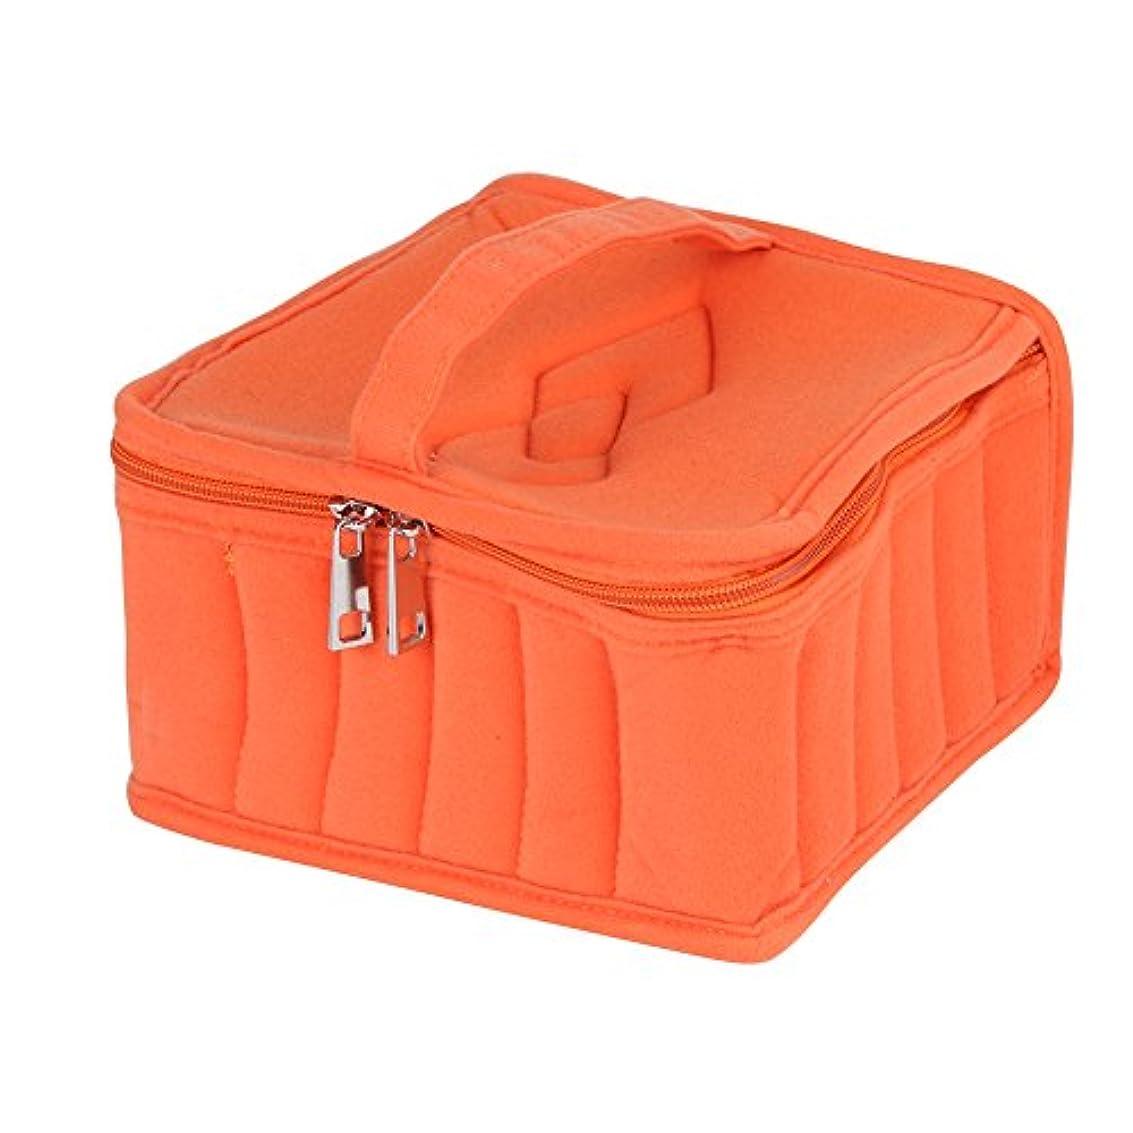 かび臭い牧師広々2色5スロット精油ケース旅行オーガナイザー用5ミリリットル/ 10ミリリットル/ 15ミリリットルボトル収納バッグ(オレンジ)